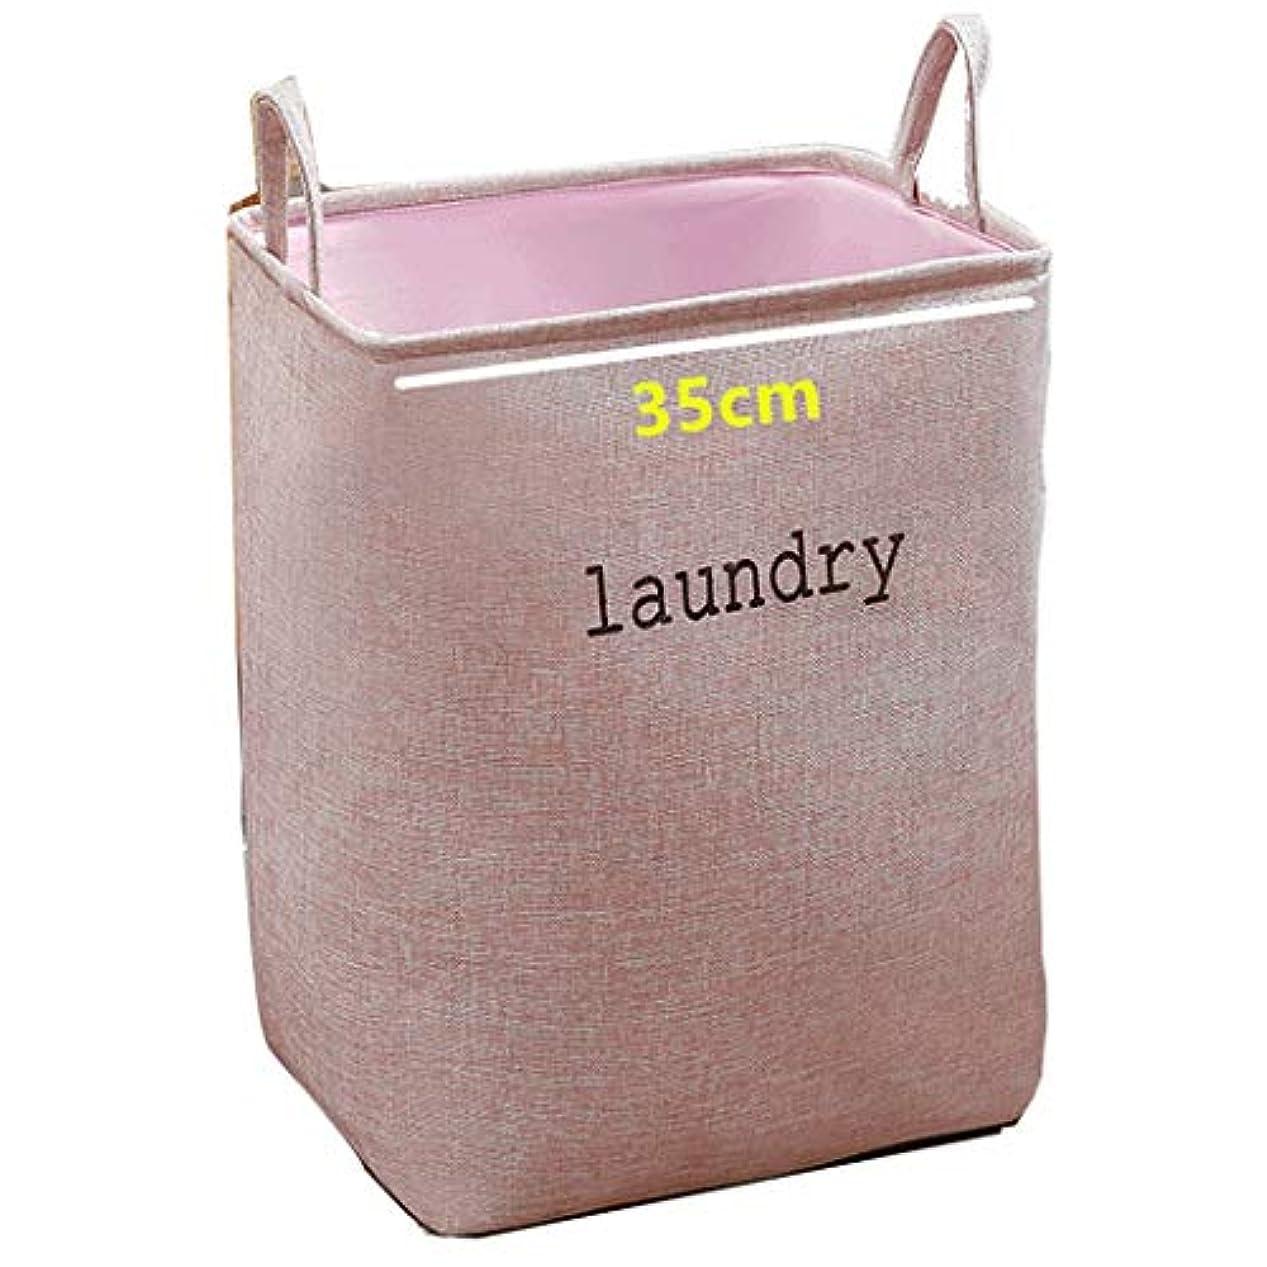 おめでとう恋人徒歩でコットンとリネンは洗える折りたたみ汚れた衣類収納バスケット家庭用衣類玩具洗濯かごノルディックBFタイプ (色 : ピンク, サイズ さいず : 32*25*40cm)